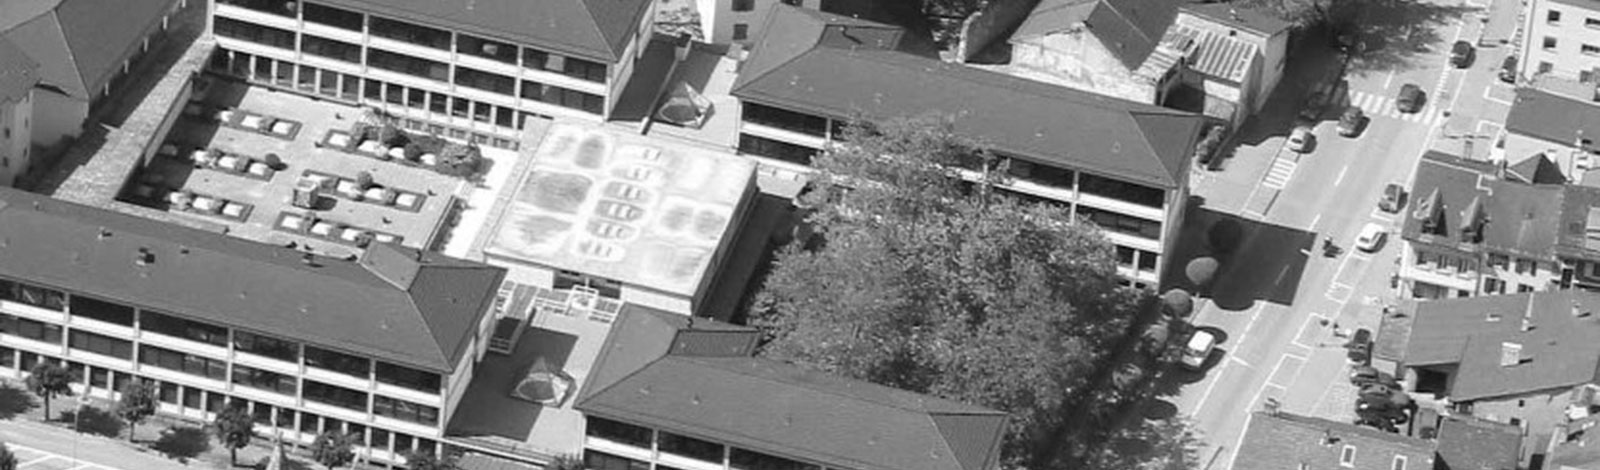 Photo aérienne du Collège de St-Maurice